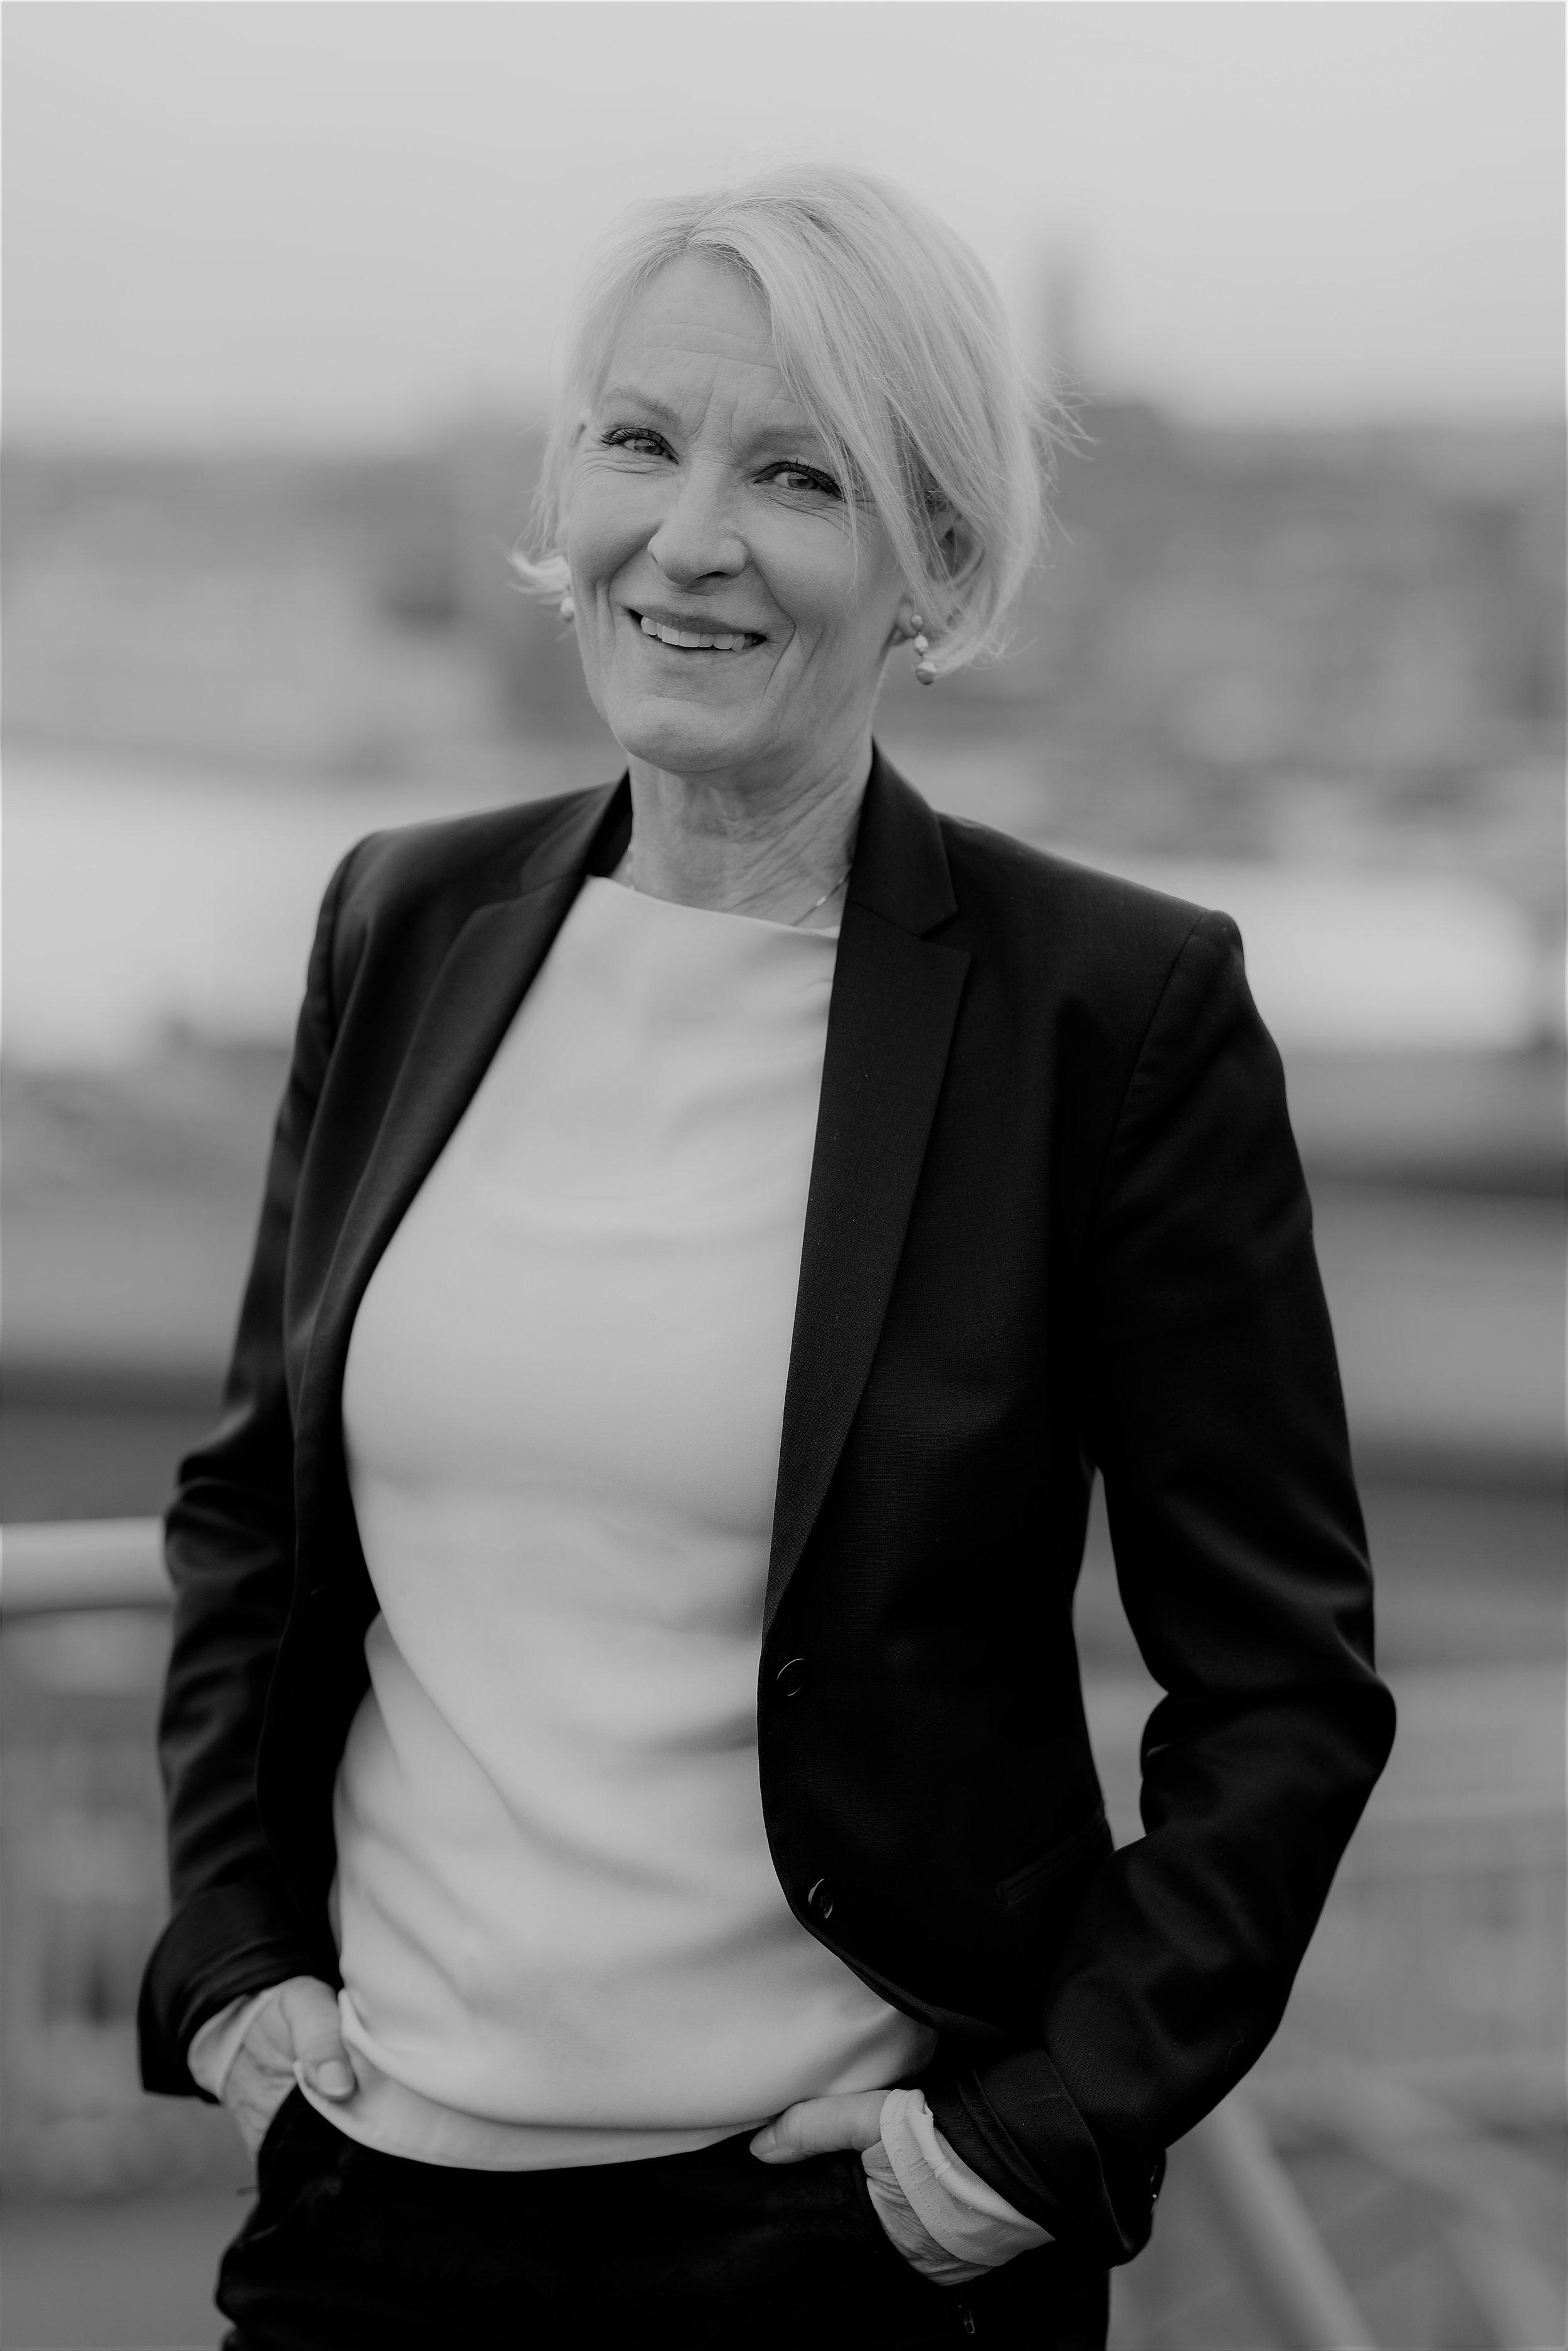 Maria Ivarson